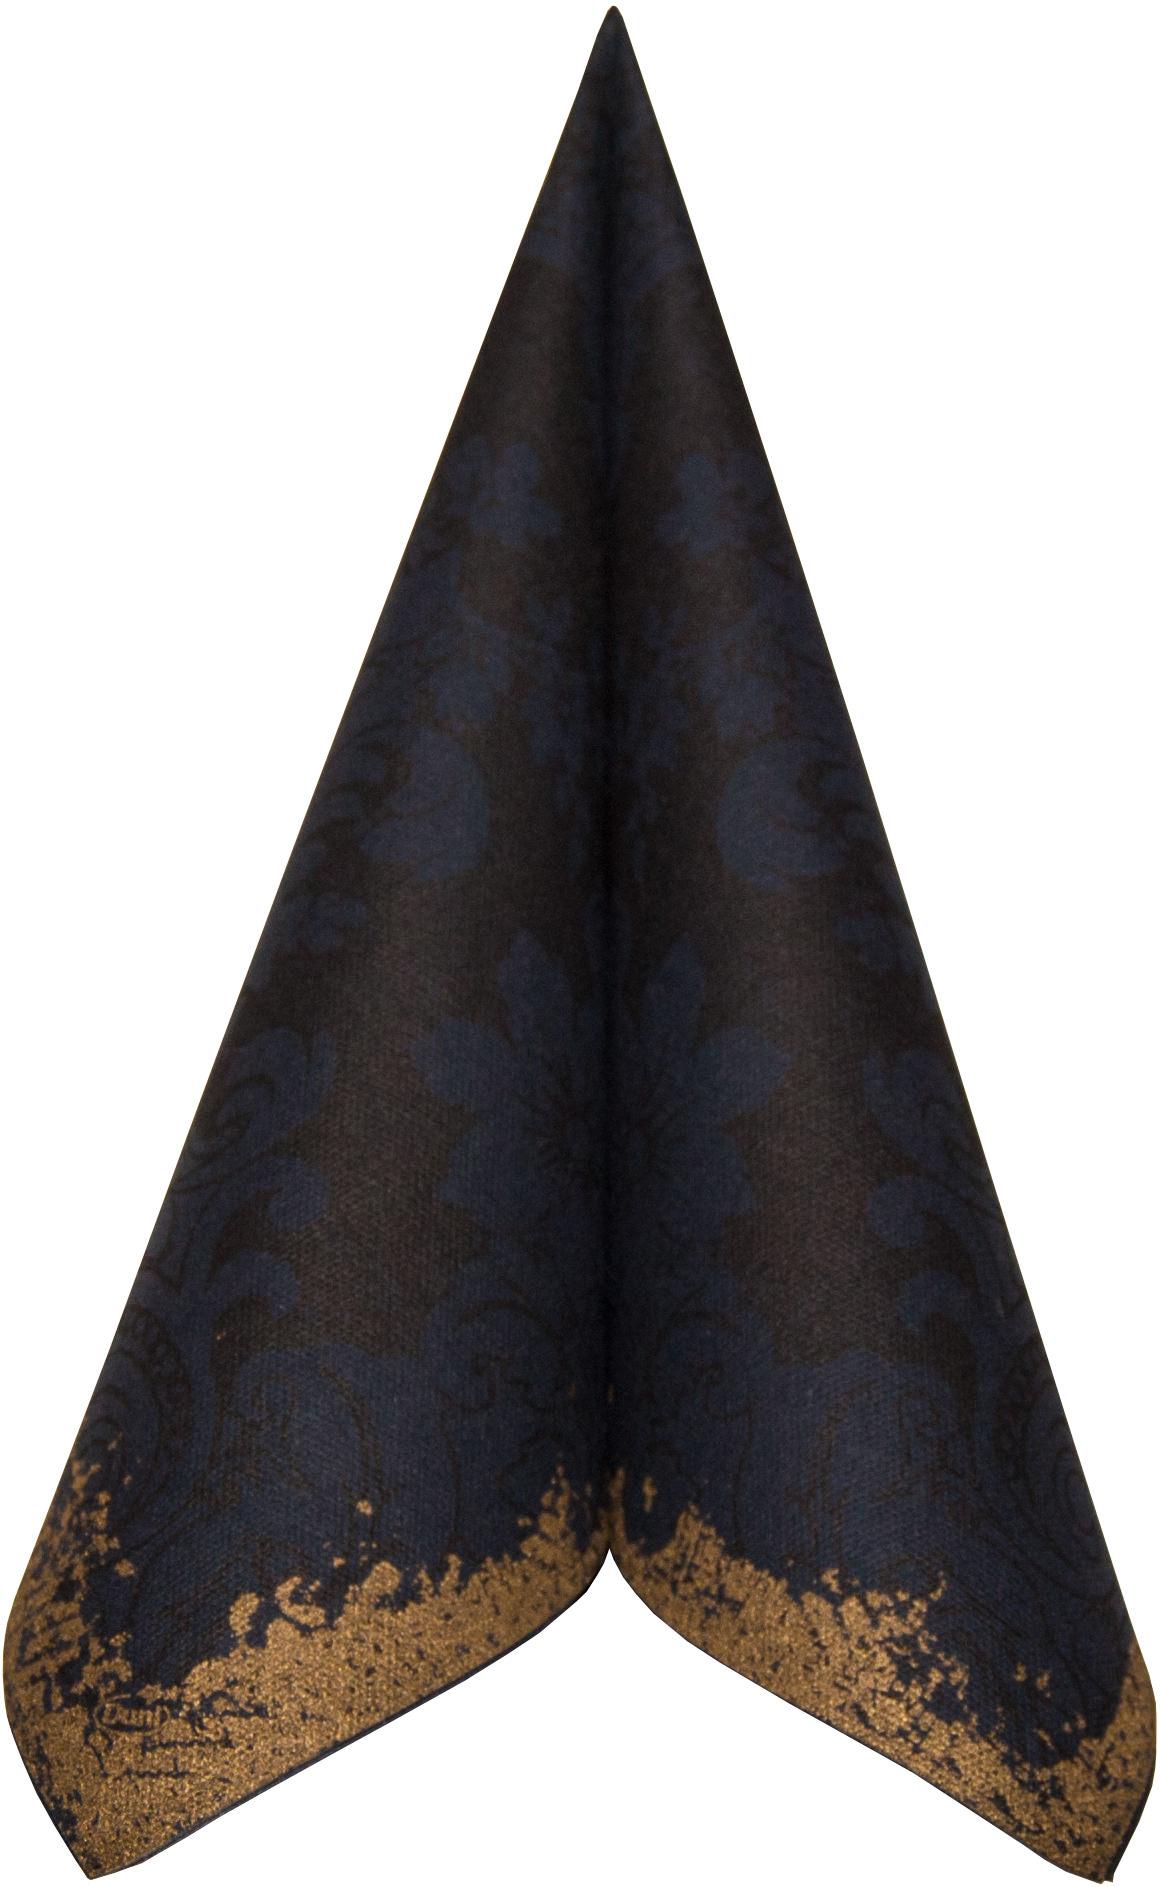 duni serviette dunilin 40x40 royal black in premium qualit t von duni jetzt kaufen. Black Bedroom Furniture Sets. Home Design Ideas